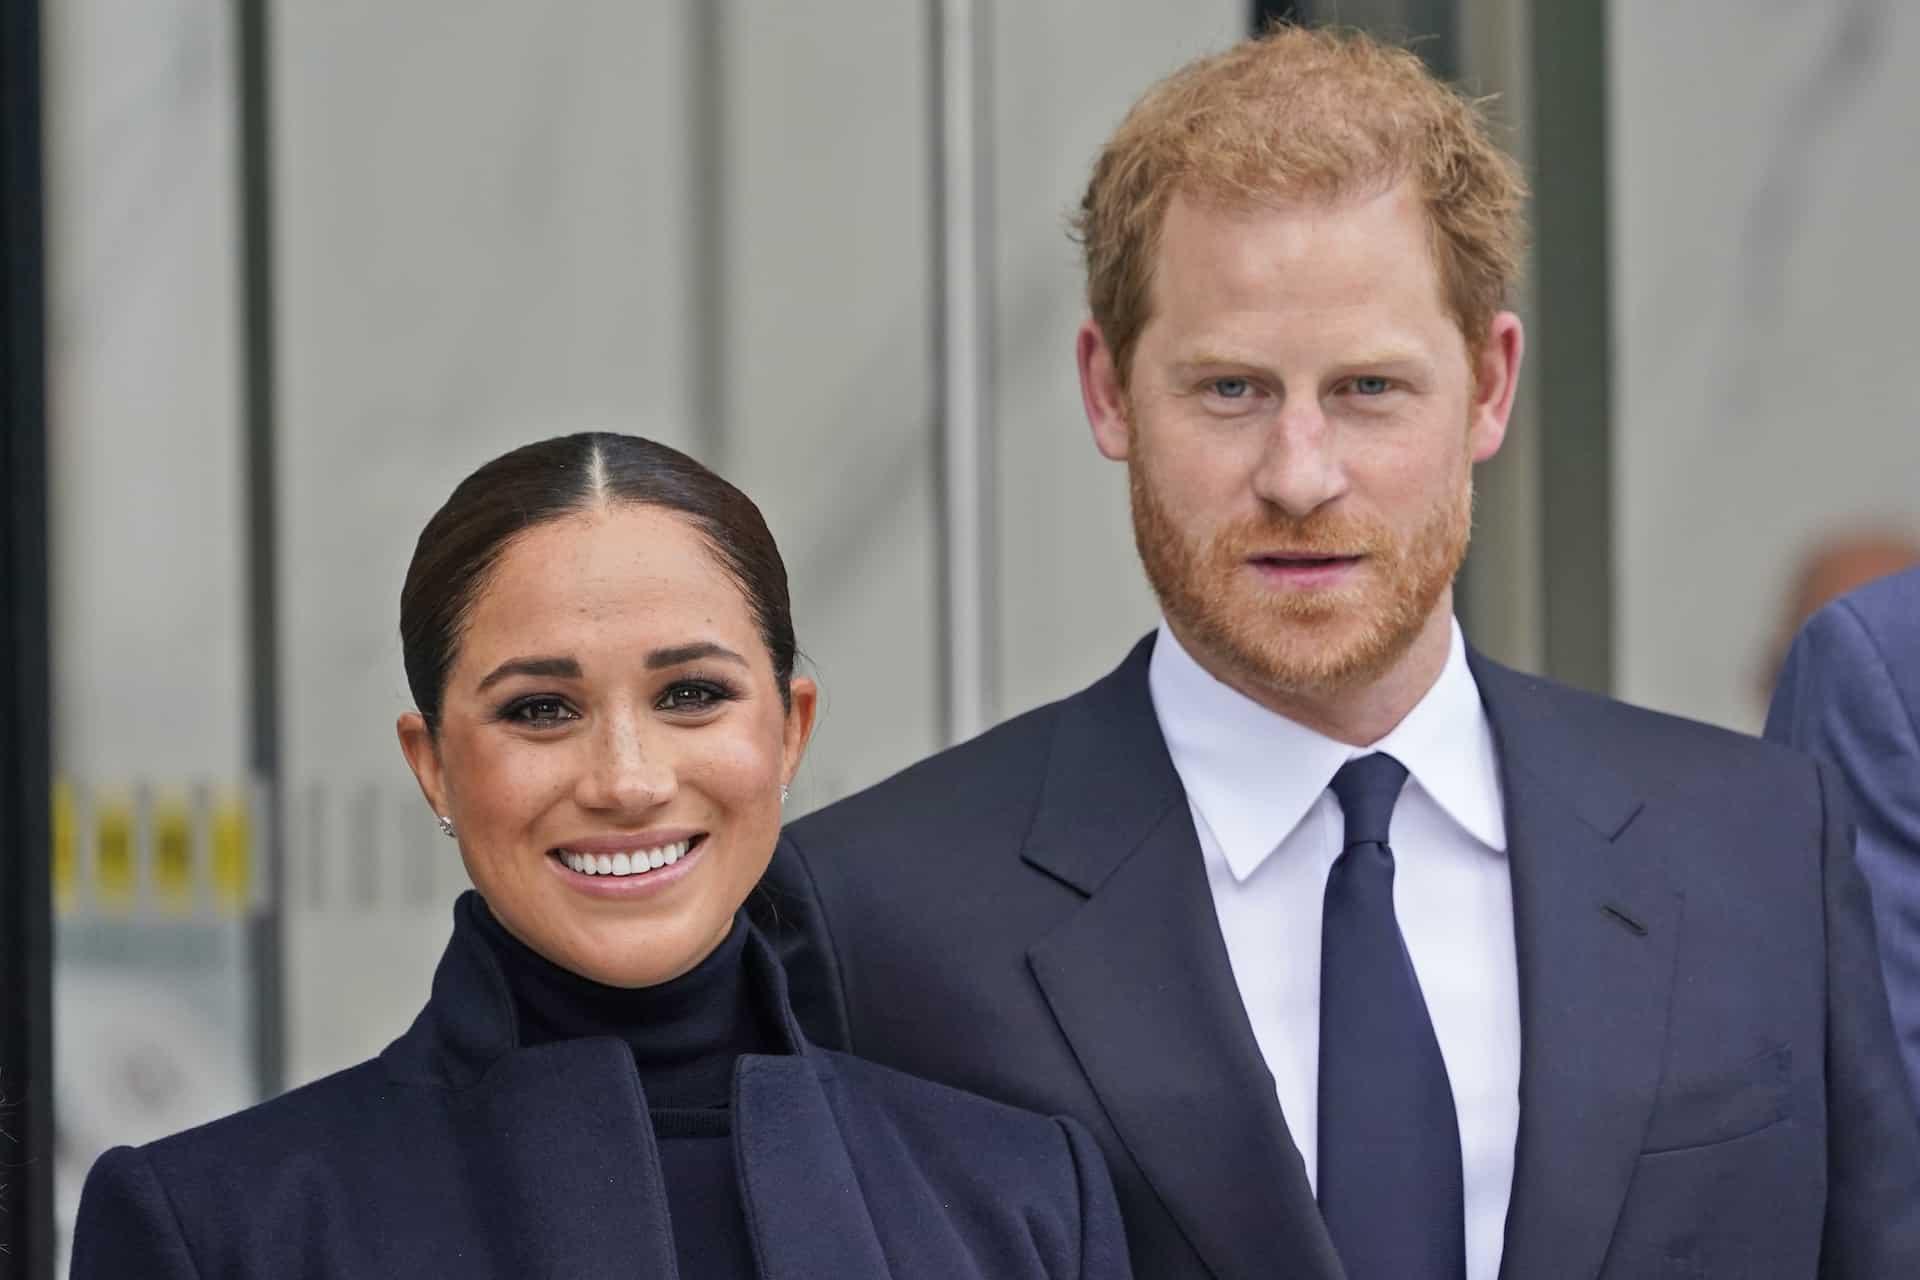 Herzogin Meghan und Prinz Harry: Erster Auftritt seit Lilis Geburt